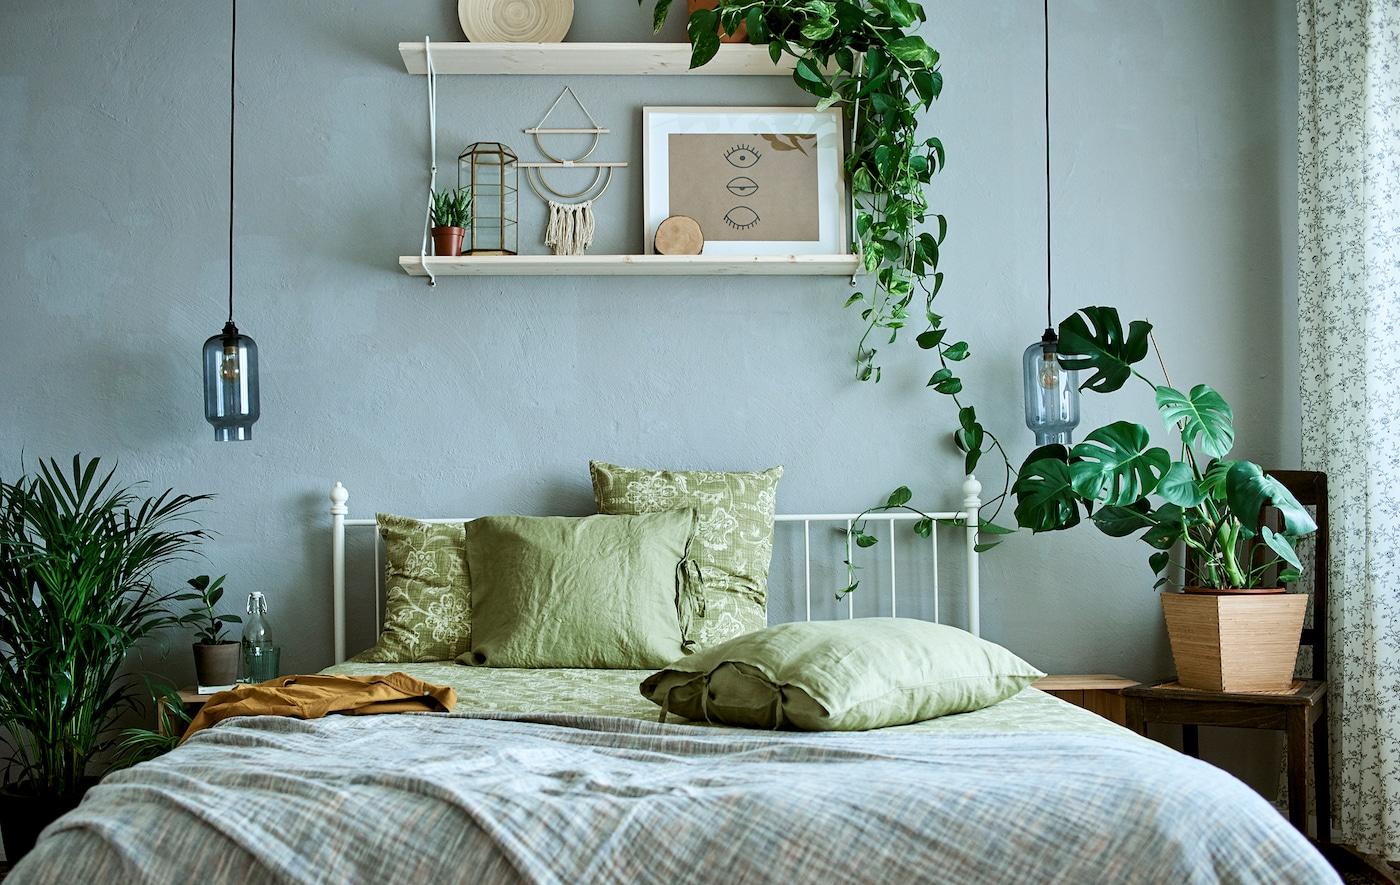 سرير أبيض بإطار معدني مع شرشف أخضر، عادي ومزخرف في غرفة مزينة بالنباتات والأعمال الفنية.